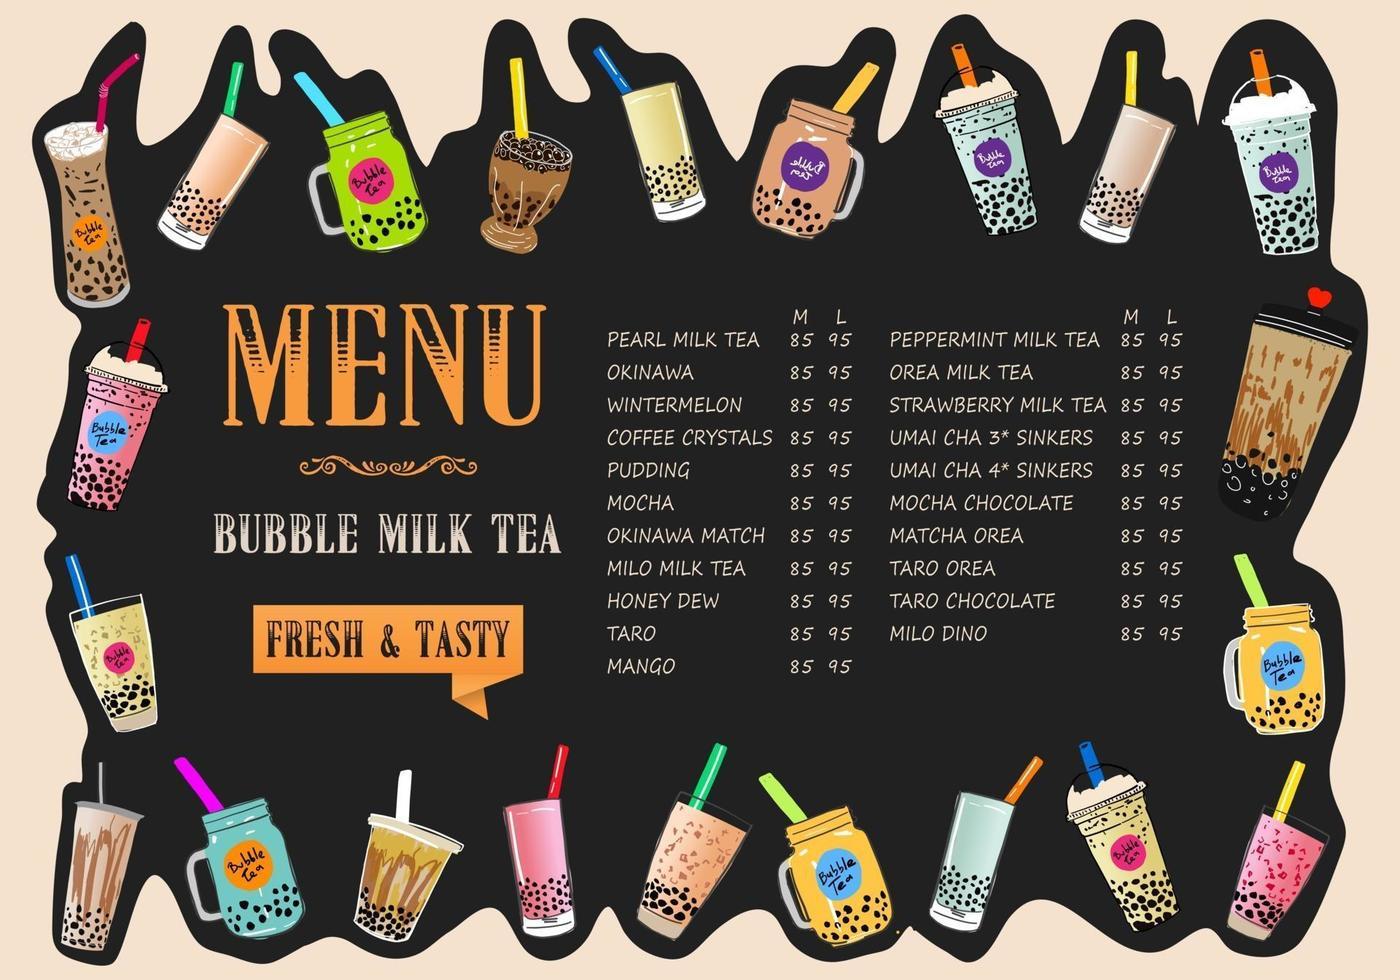 thé au lait à bulles, thé au lait perlé, différentes sortes de boba. délicieuses boissons. vecteur